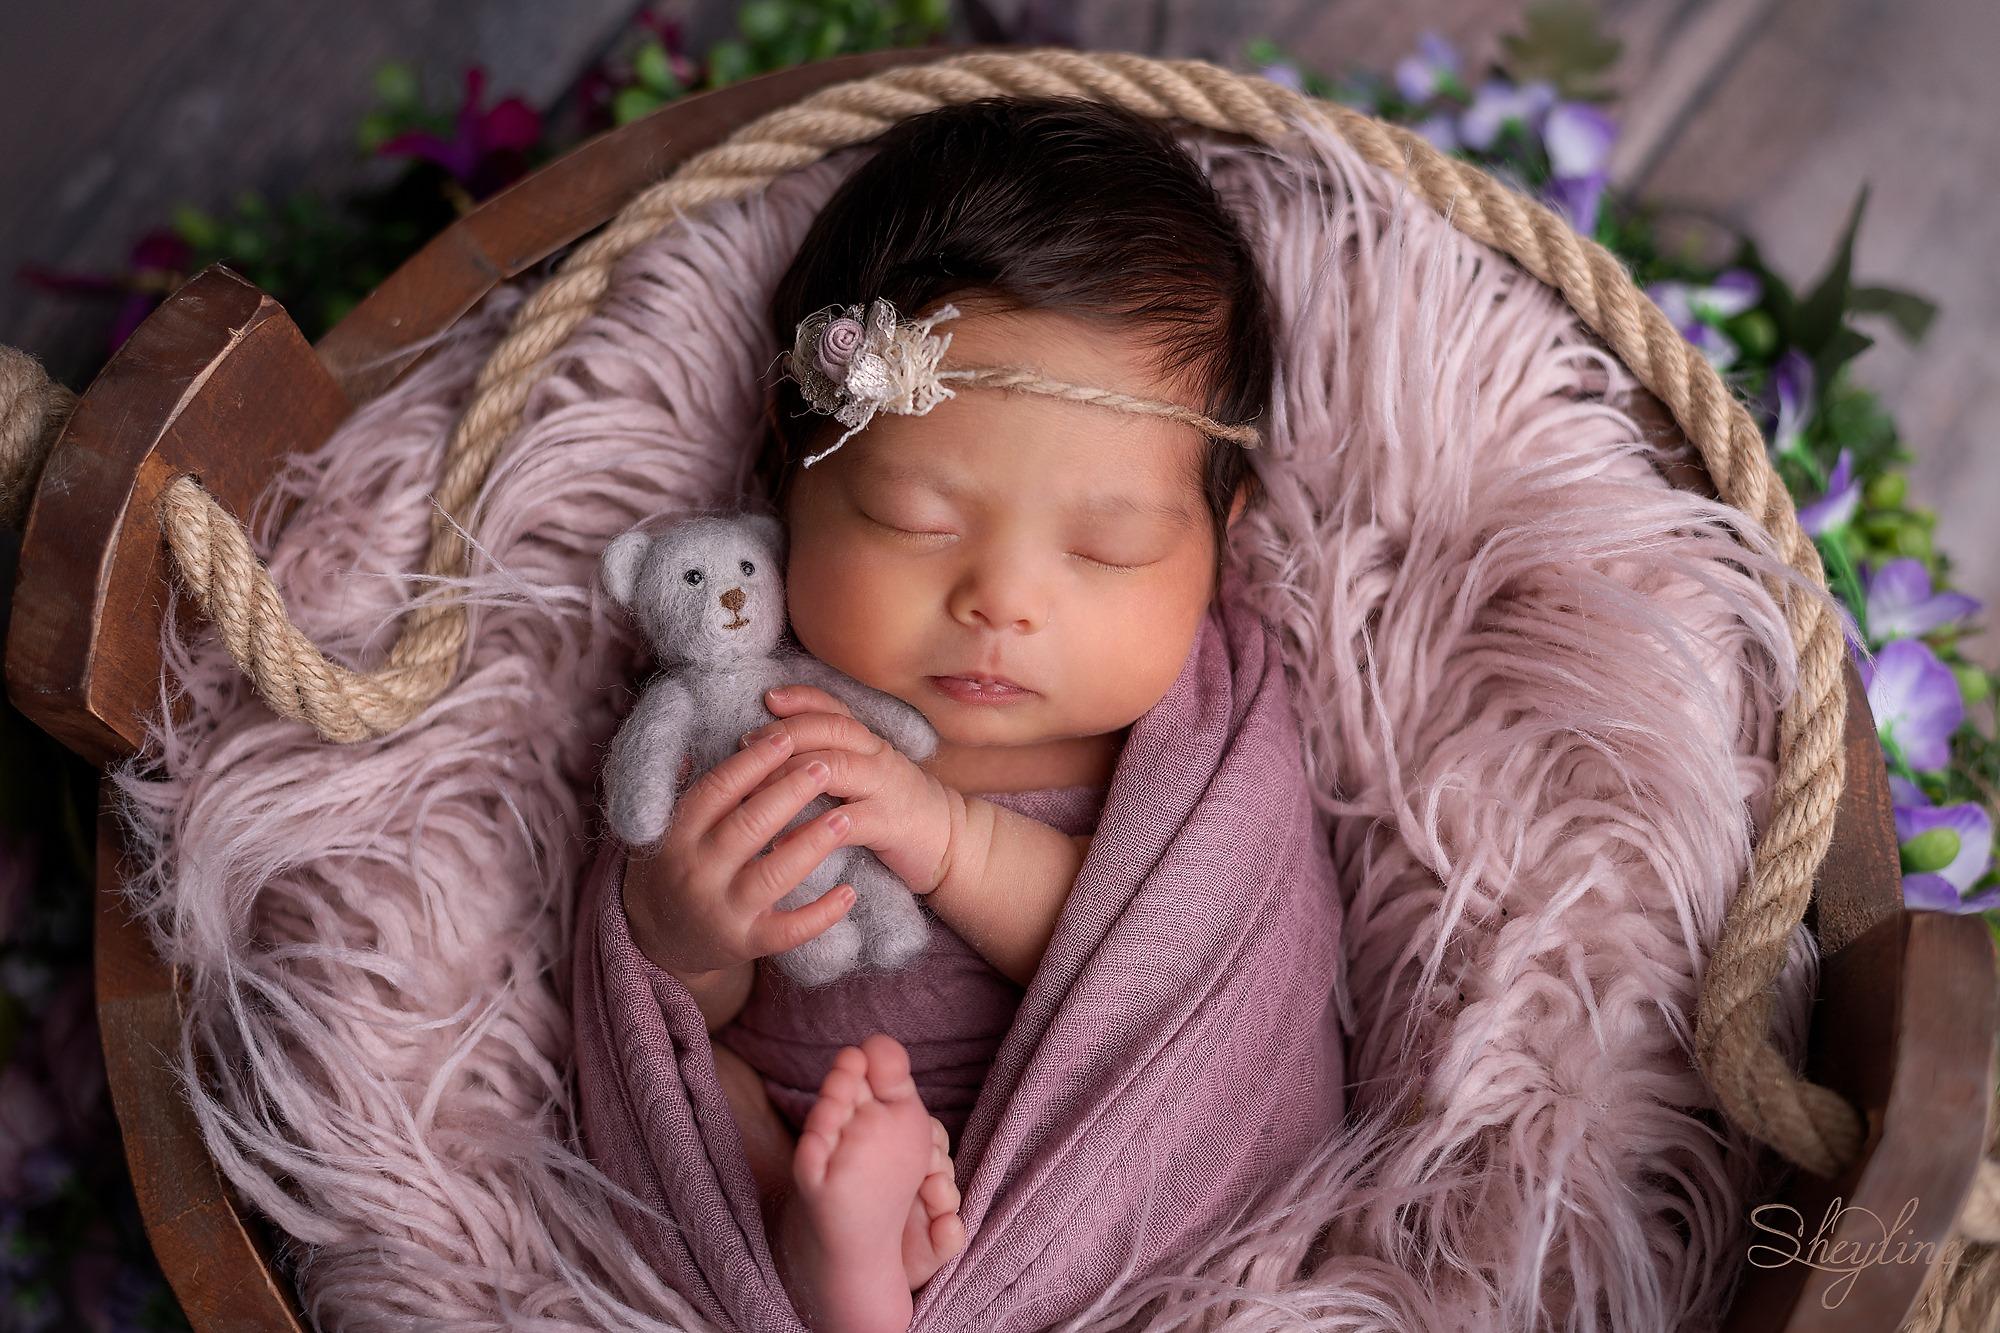 nouveau né-bébé -sheyline photography poitiers photographe 86 mariage